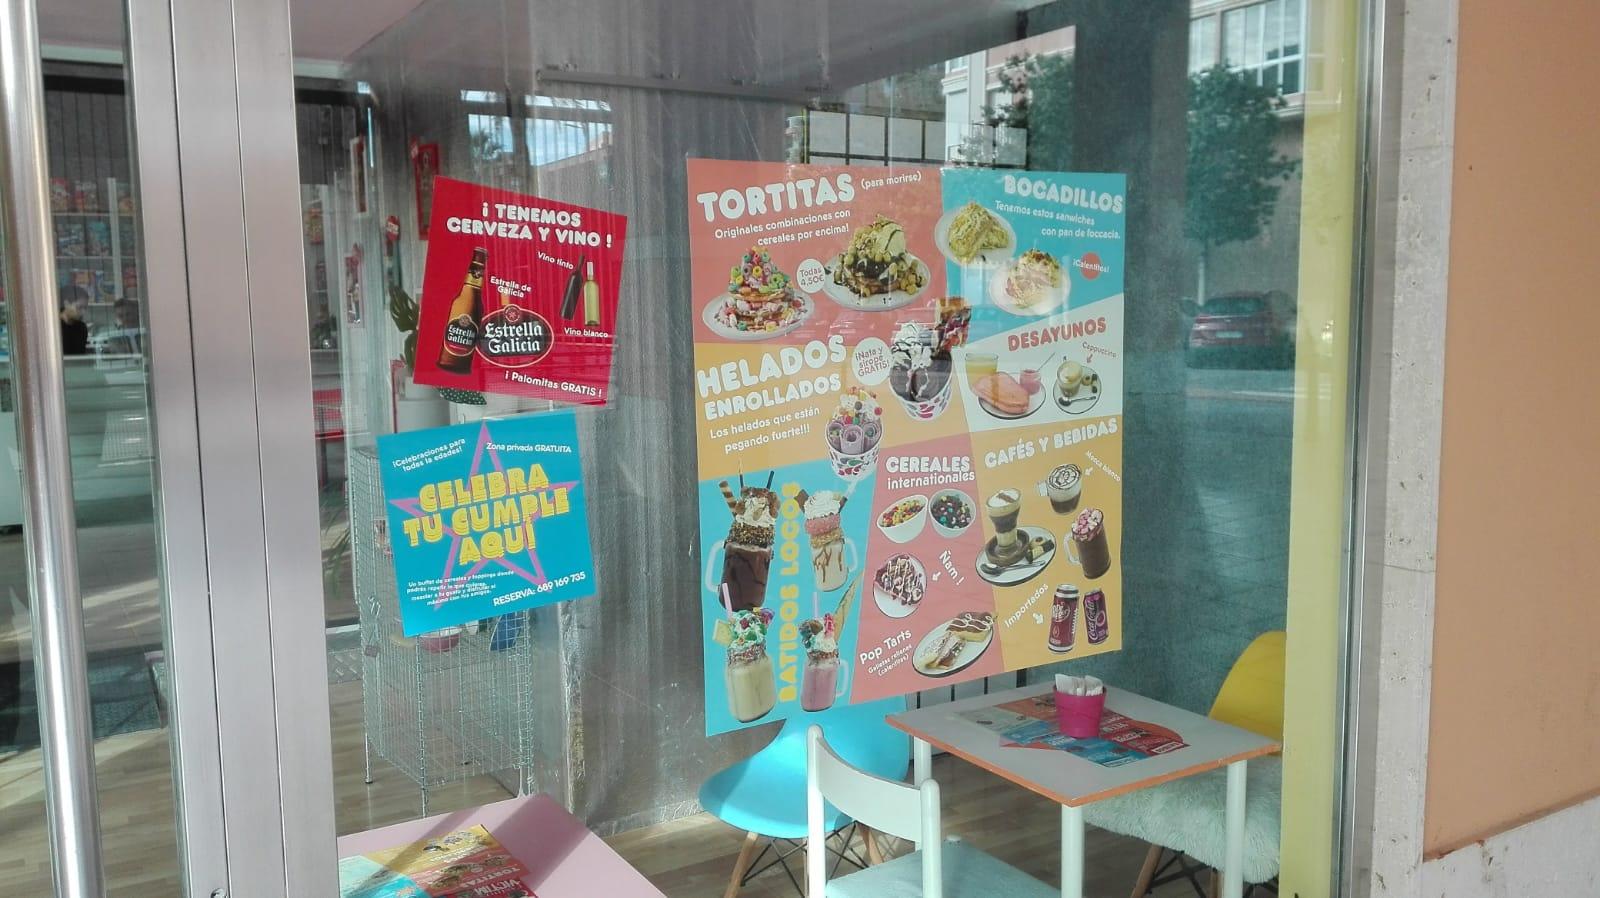 Anuncios de productos en una cafetería en cartagena